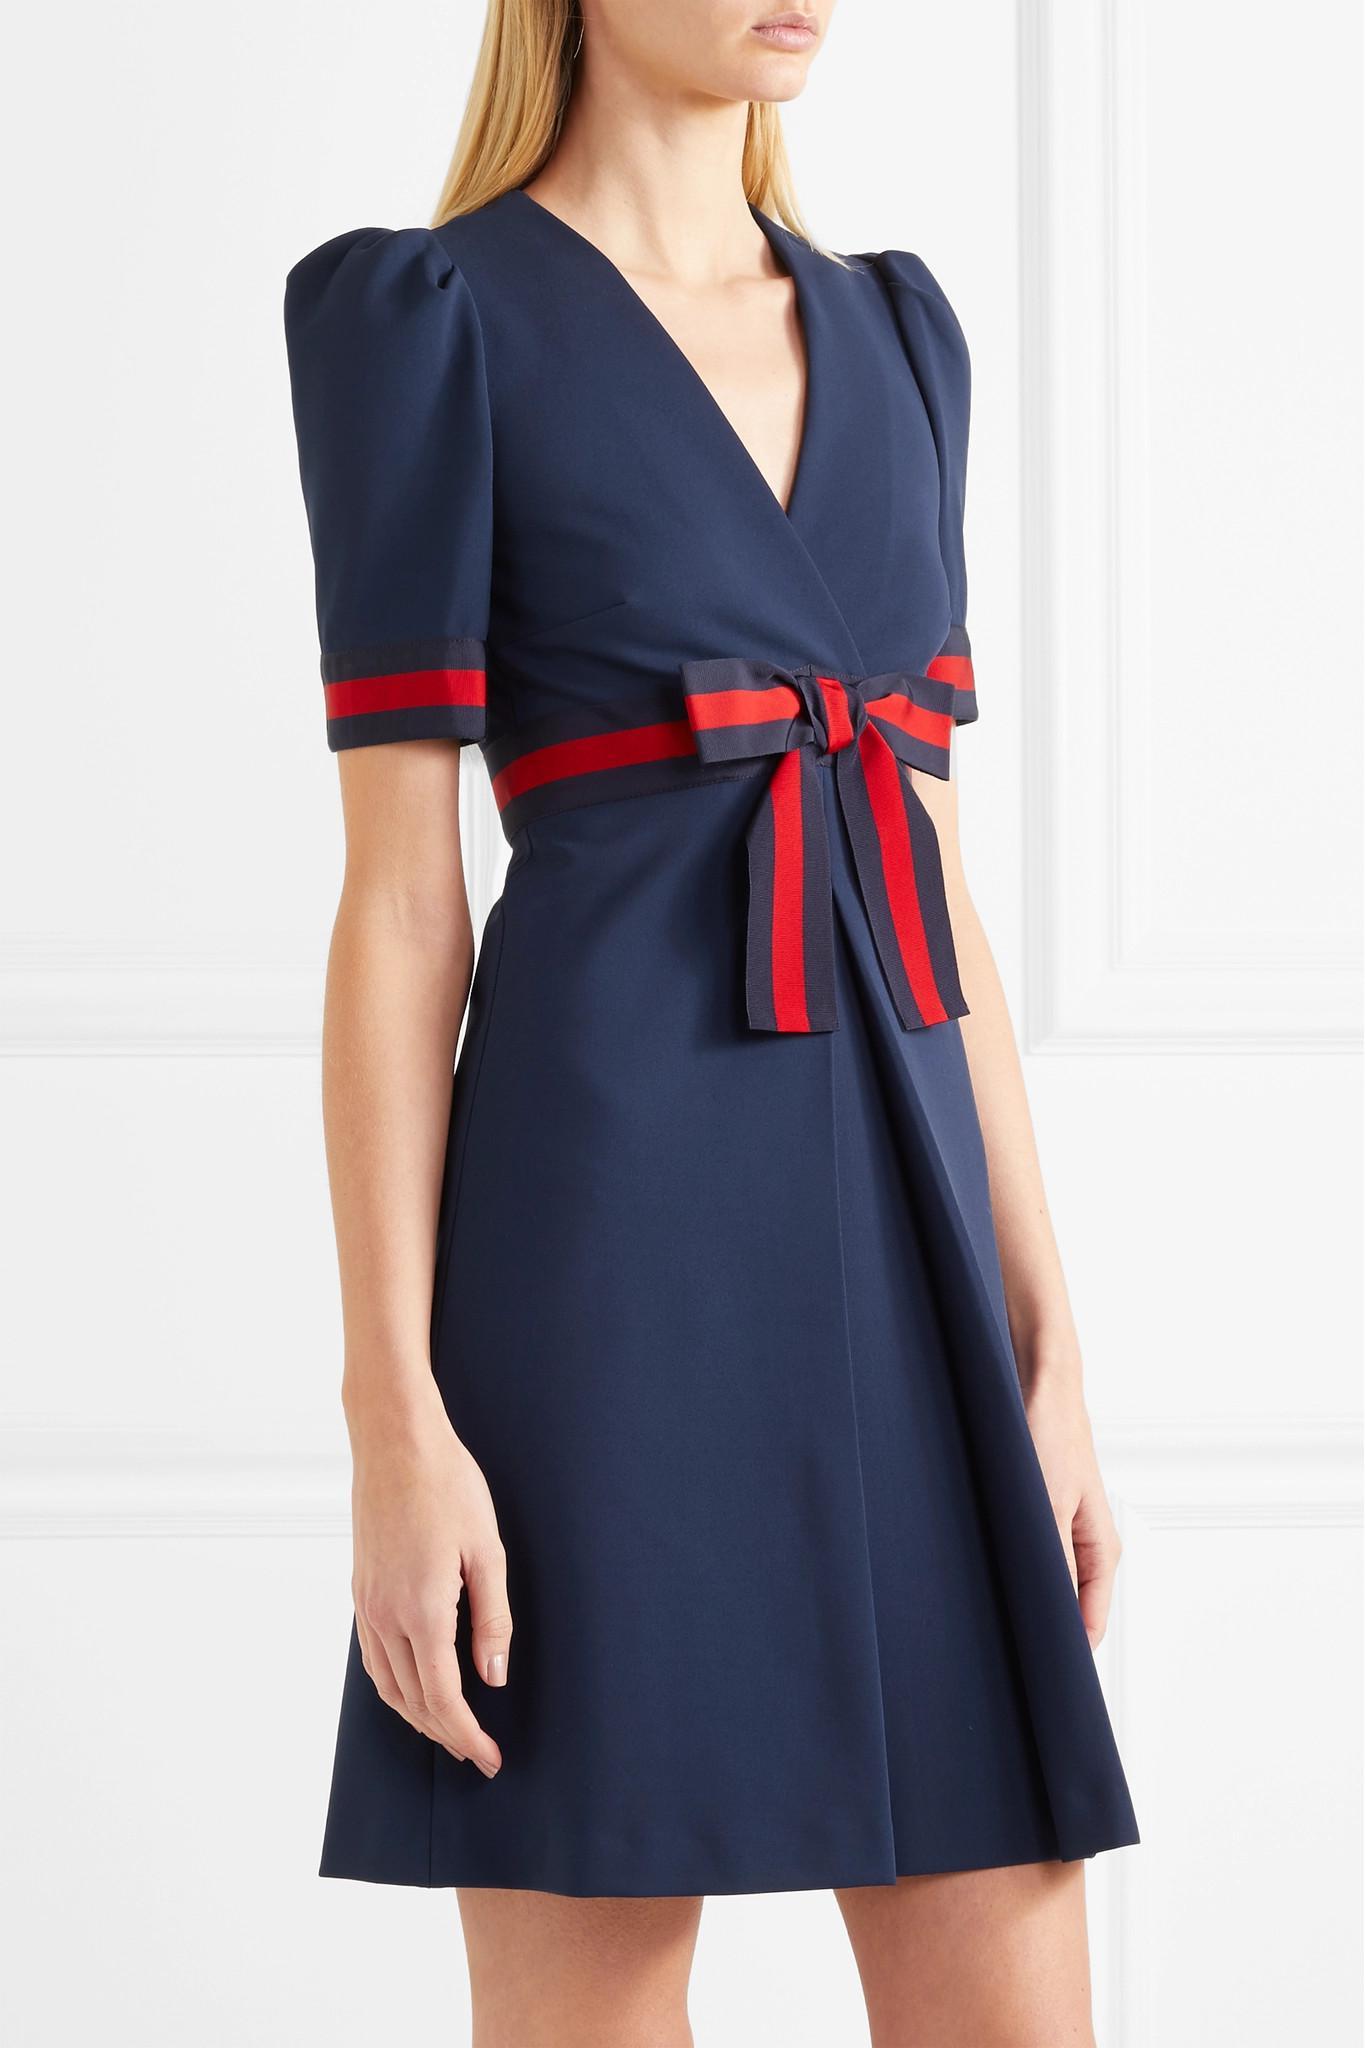 d97f45116 Gucci Grosgrain-trimmed Stretch-ponte Mini Dress in Blue - Lyst